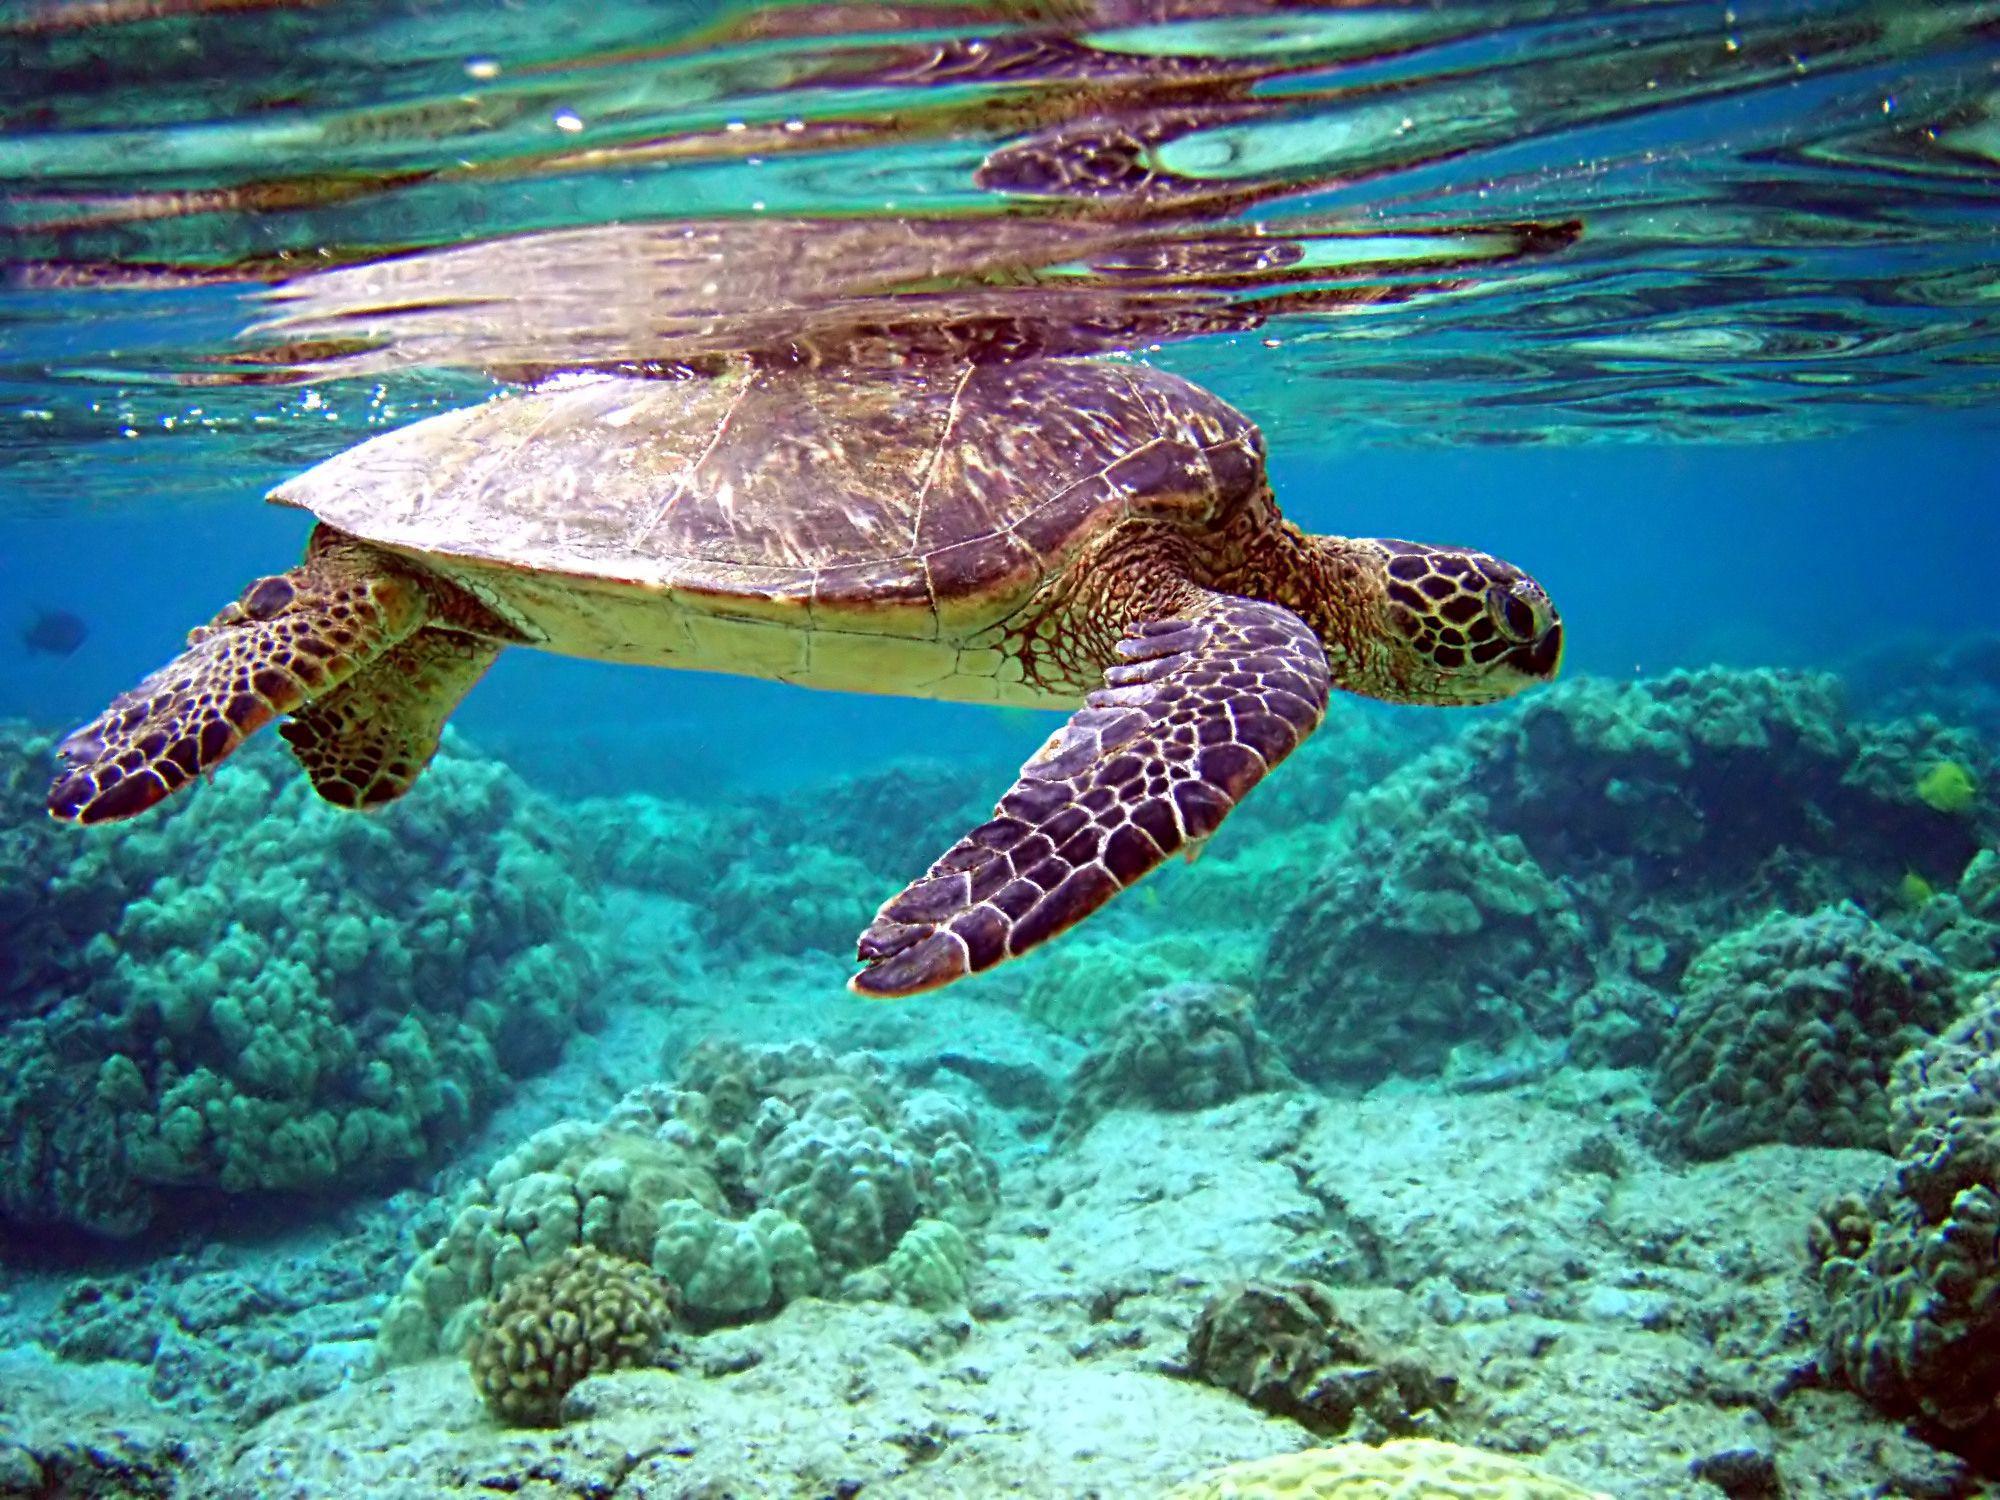 Sea Turtle Wallpaper For Computer